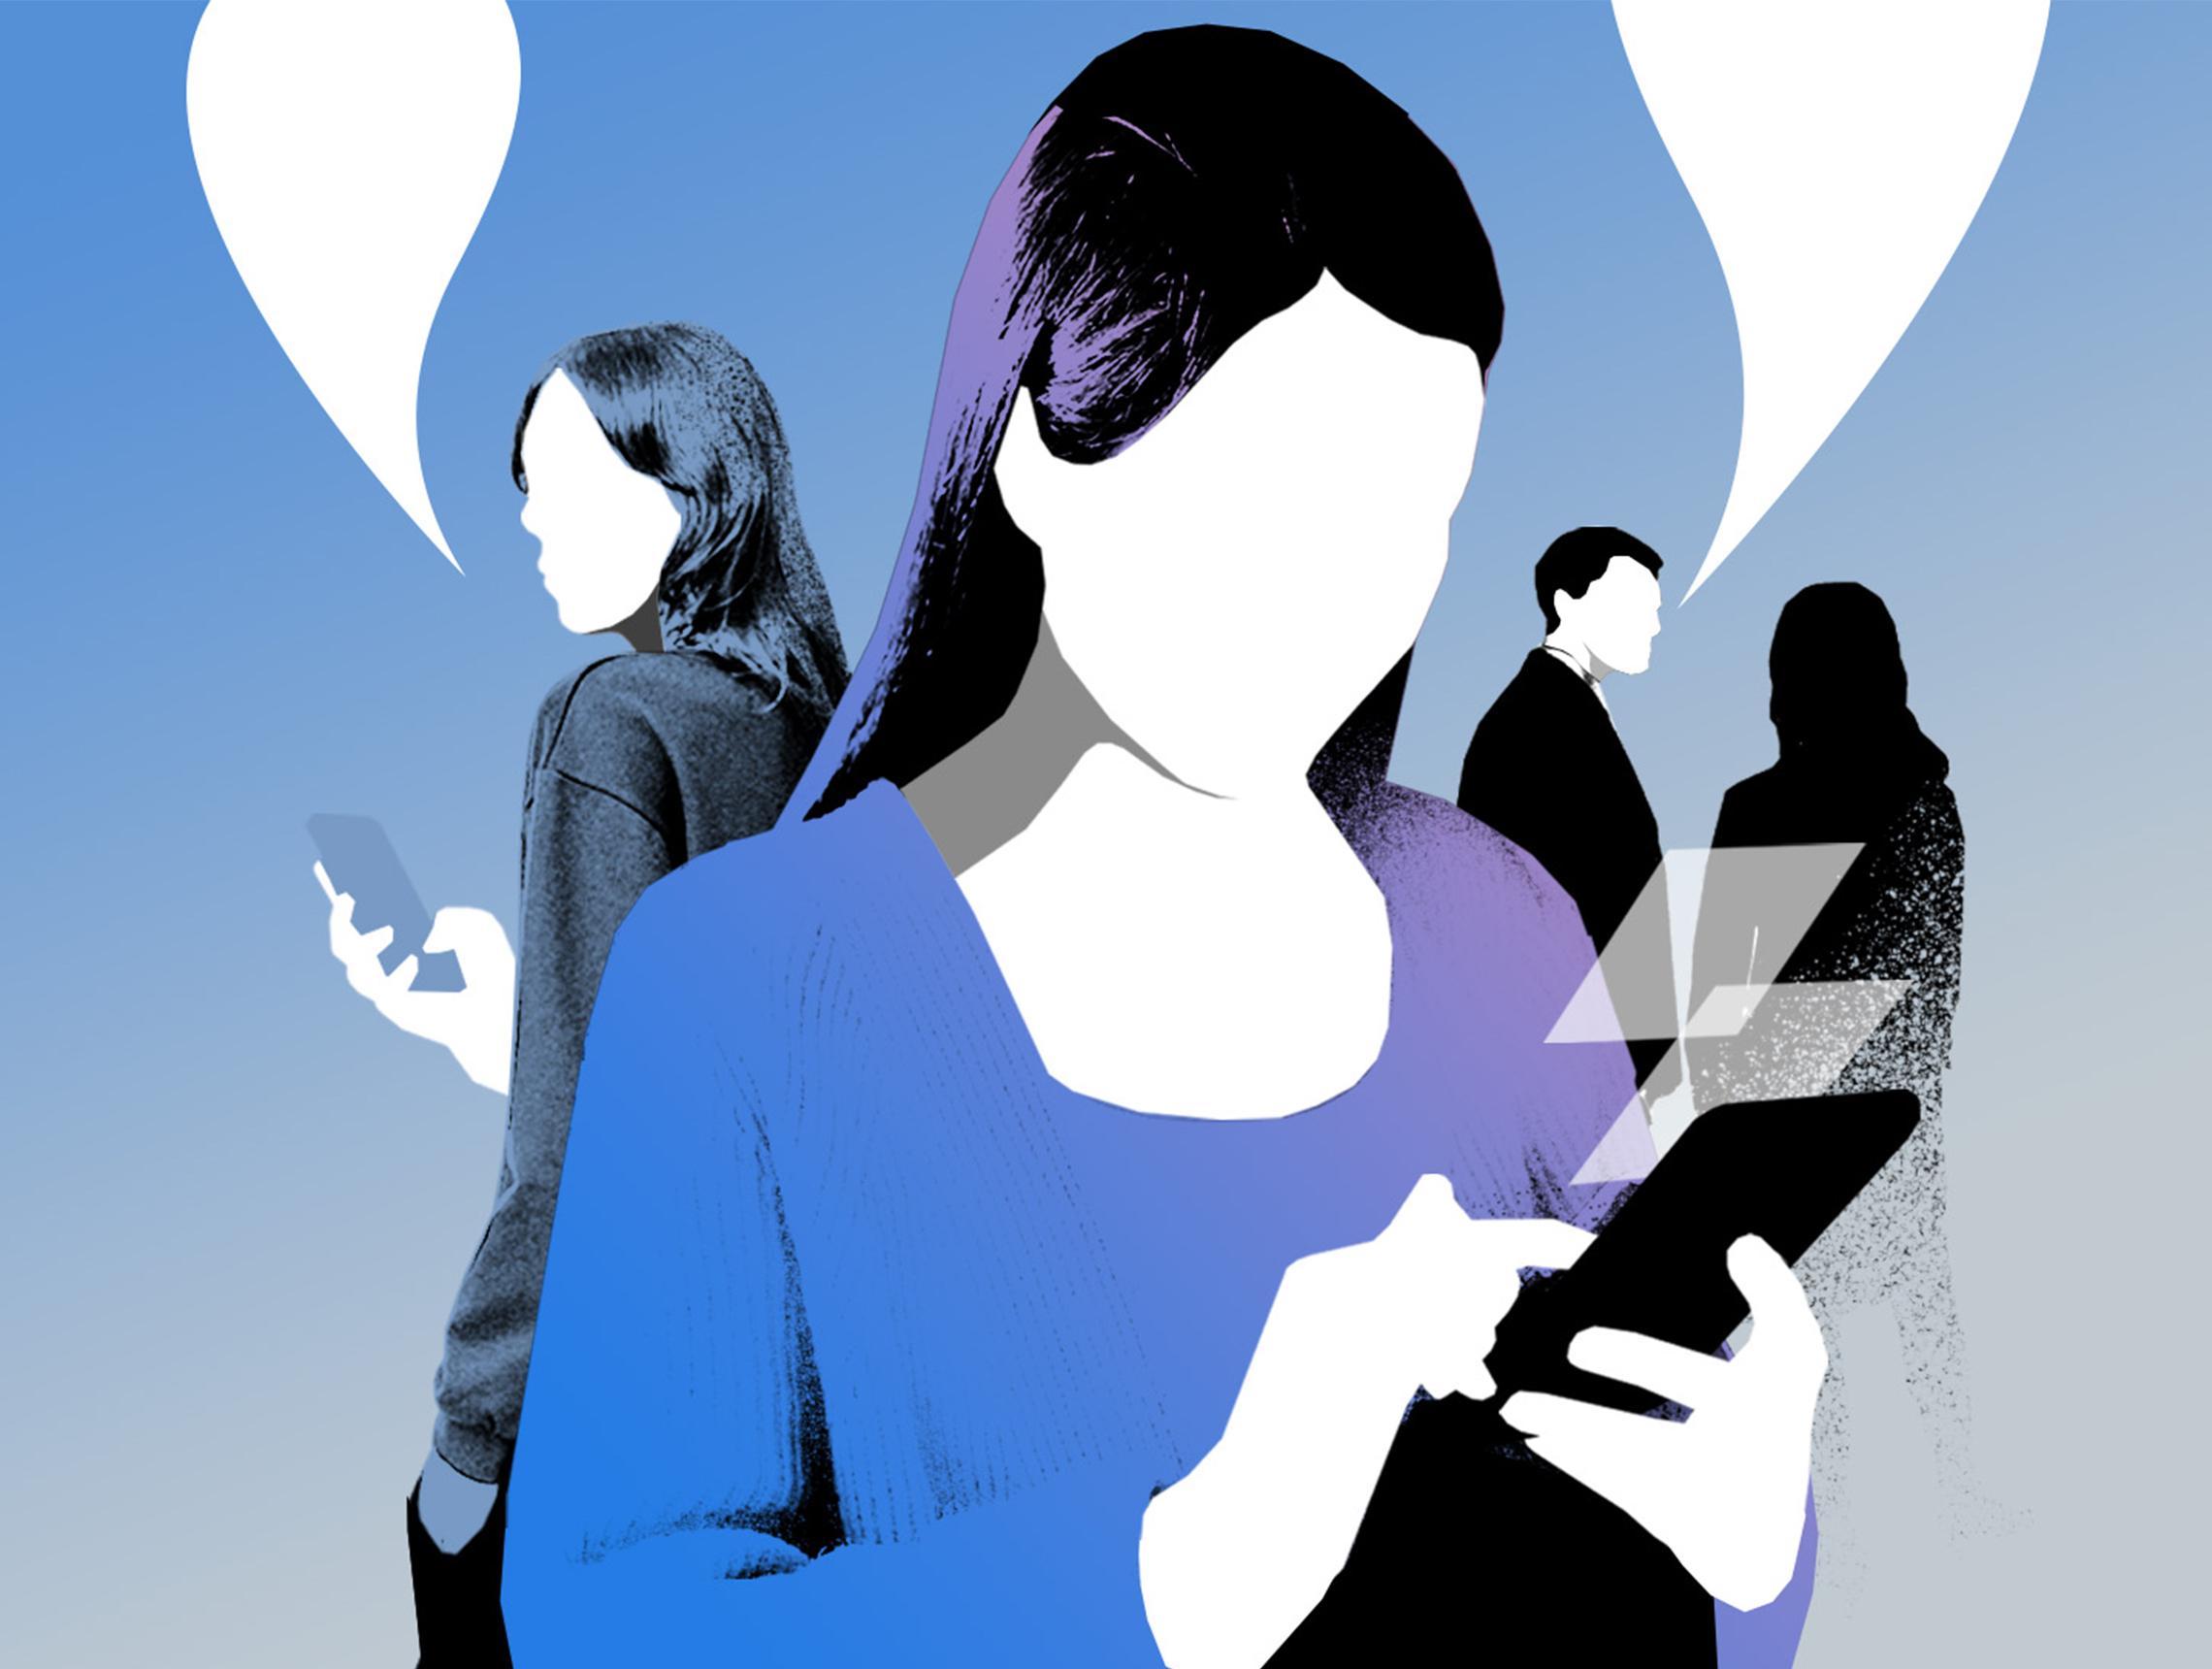 Personen in Gespraechssituation mit Smartphones